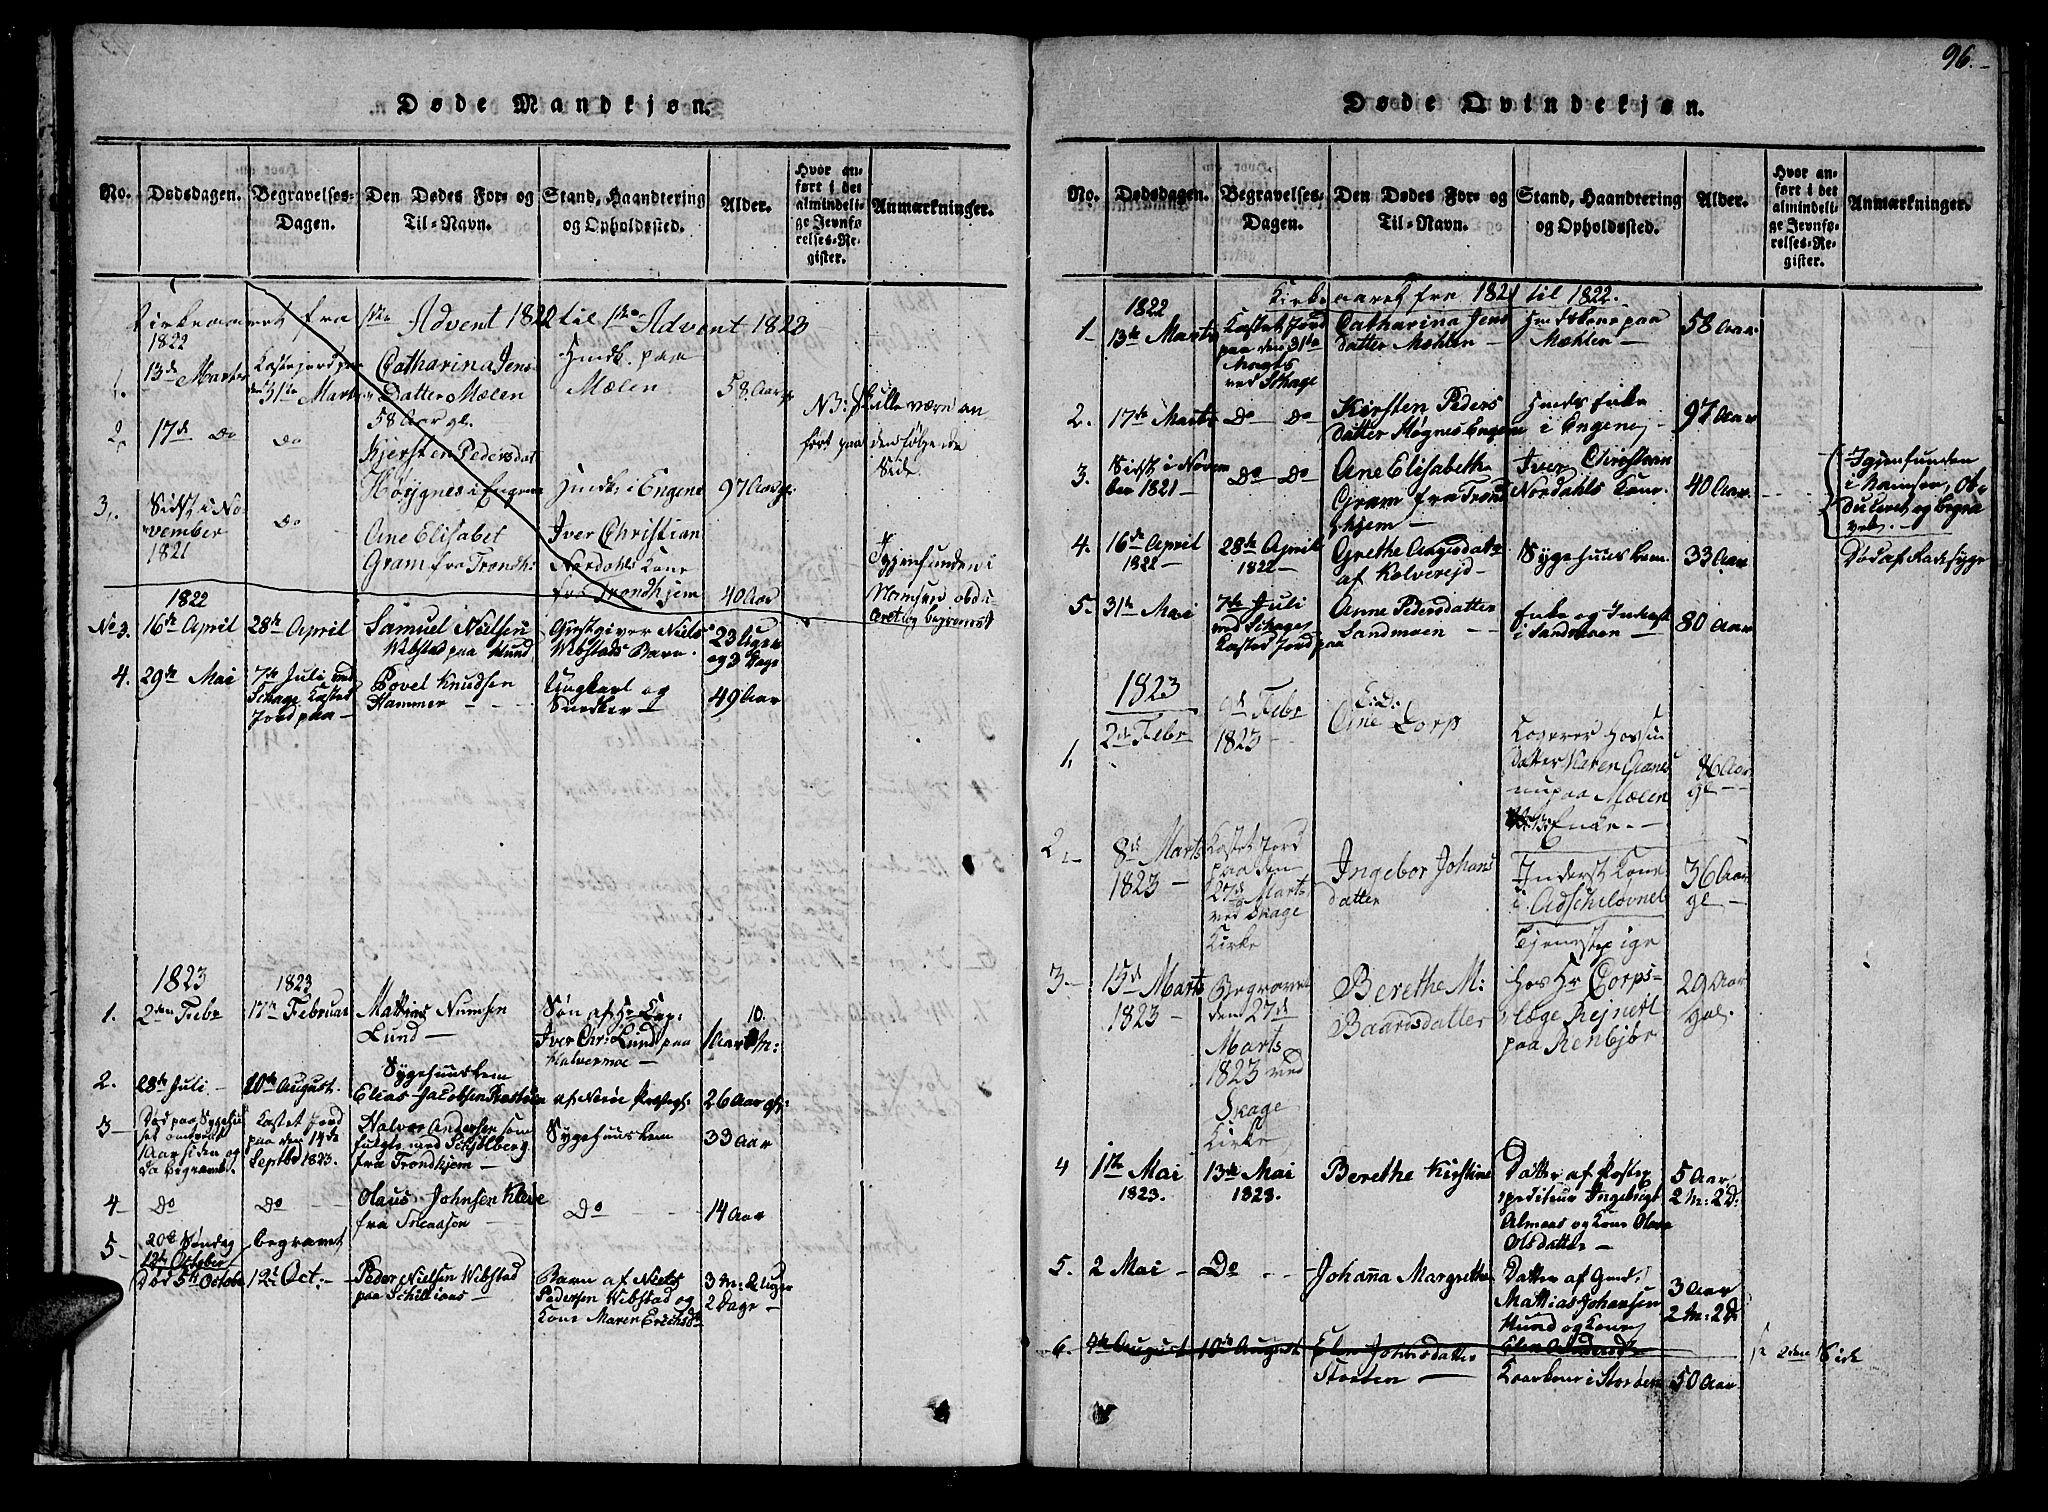 SAT, Ministerialprotokoller, klokkerbøker og fødselsregistre - Nord-Trøndelag, 766/L0565: Klokkerbok nr. 767C01, 1817-1823, s. 96